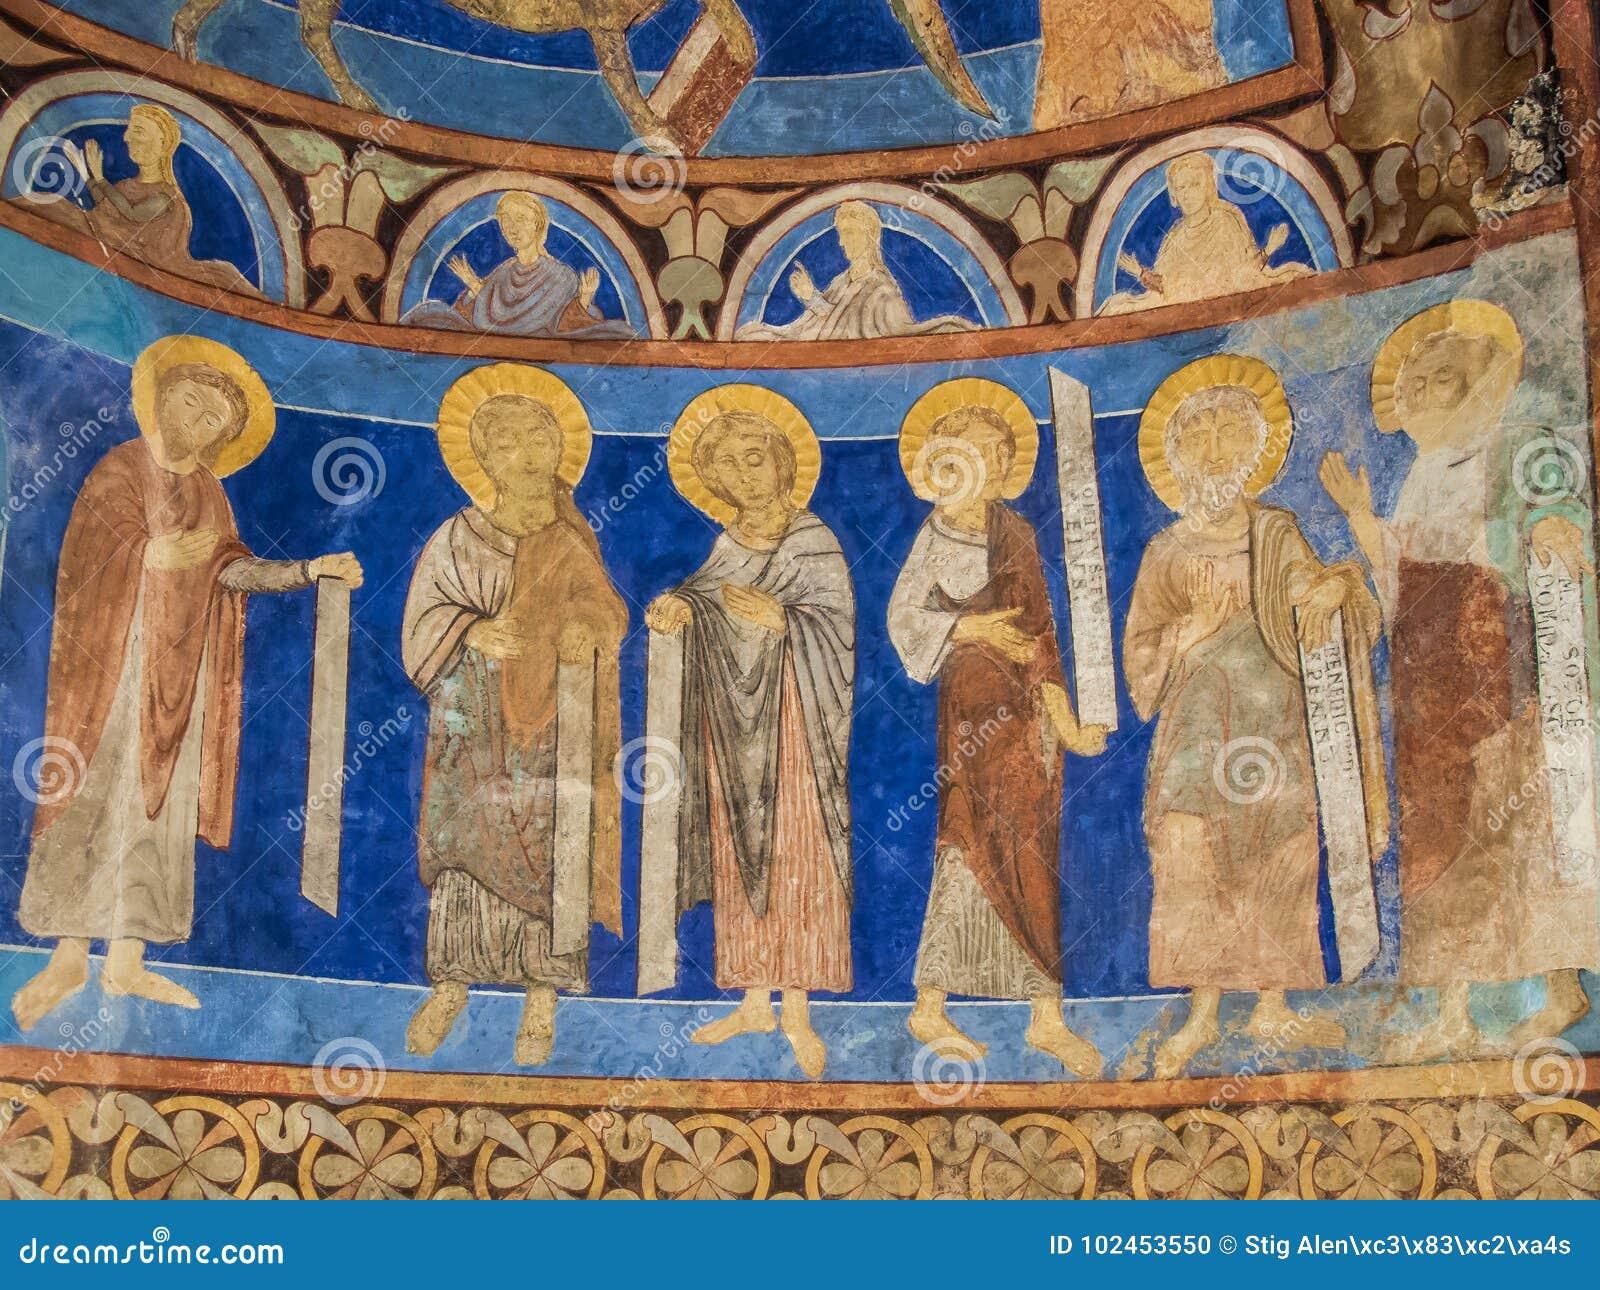 Sei Discepoli Con I Testi In Una Parete Pittura Medievale Fotografia Stock Immagine Di Monumento Apostoli 102453550